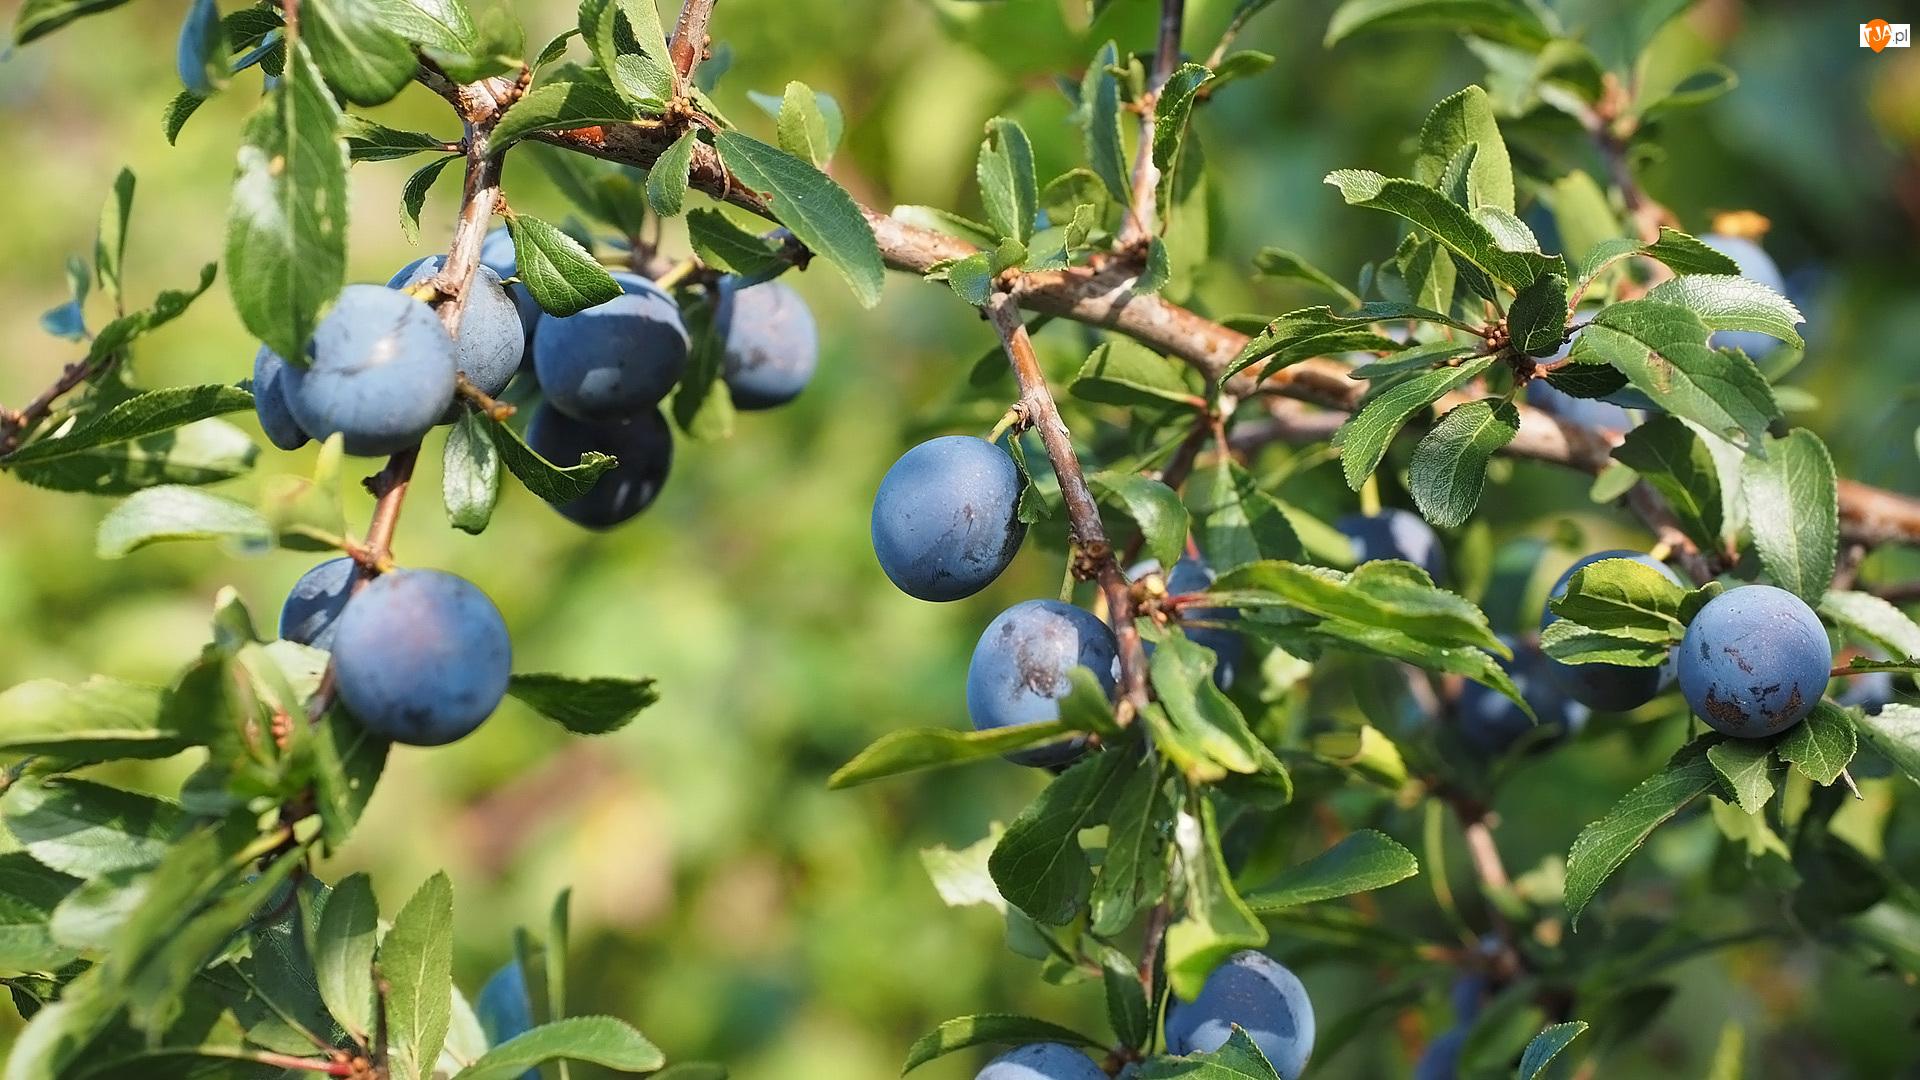 Śliwki, Liście, Śliwa tarnina, Drzewo owocowe, Gałązki